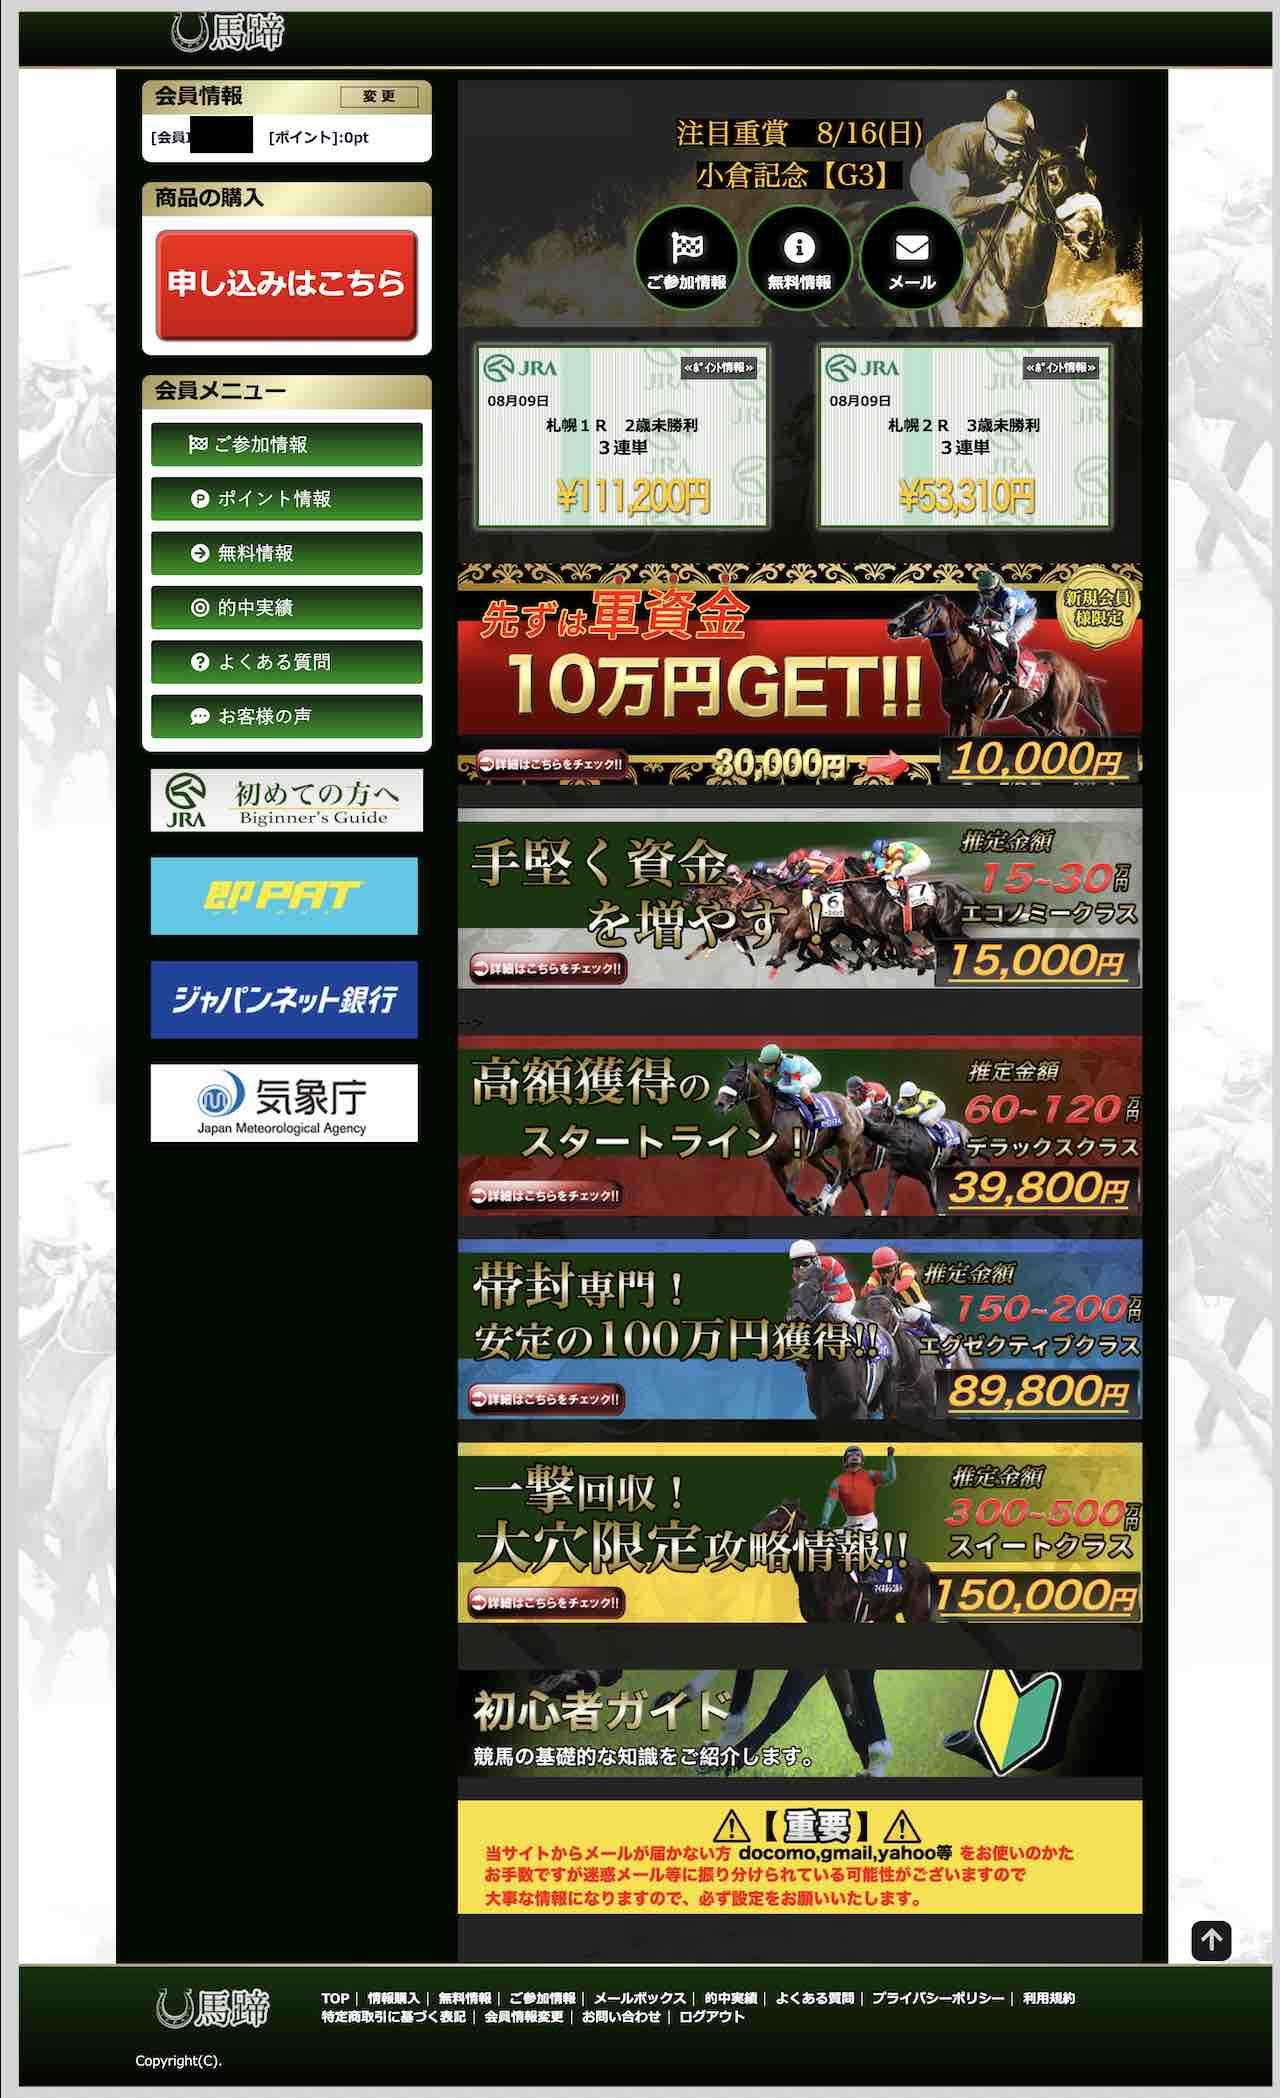 馬蹄という競馬予想サイトの会員ページ